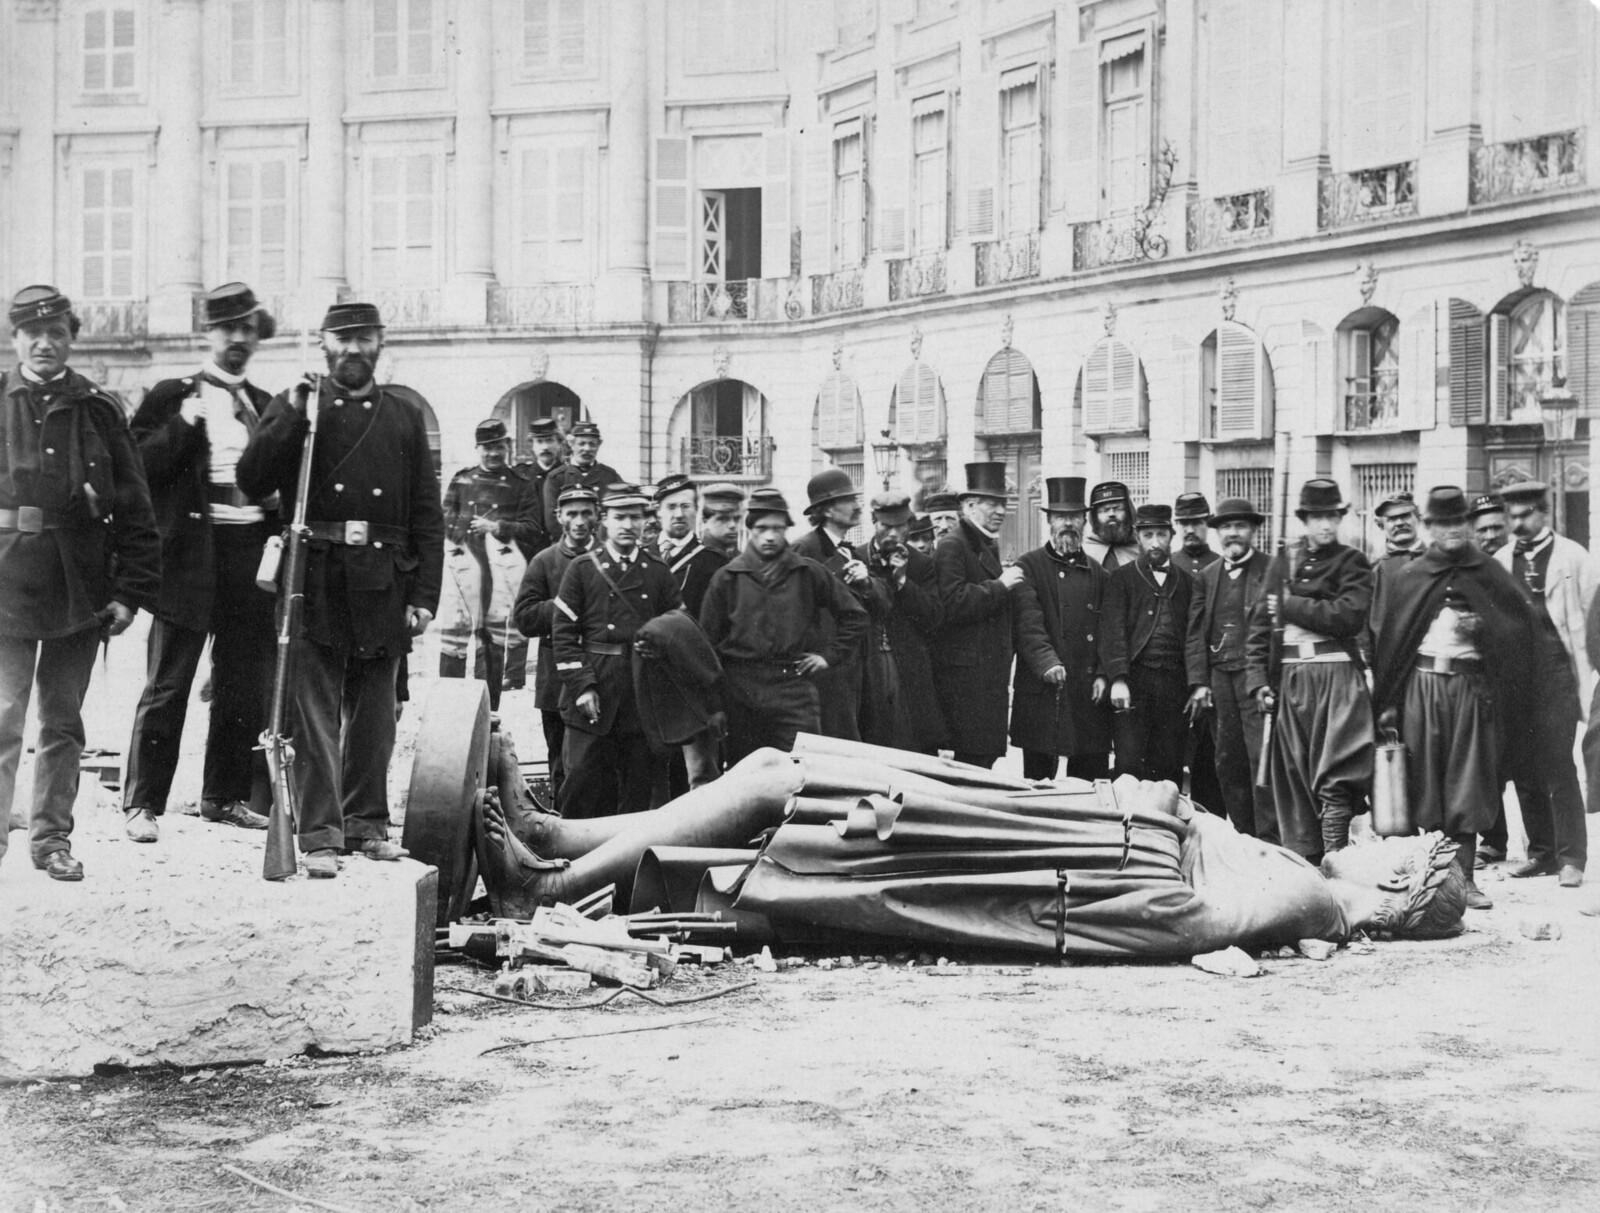 1871. Толпа людей собралась вокруг сброшенной статуи Наполеона I.